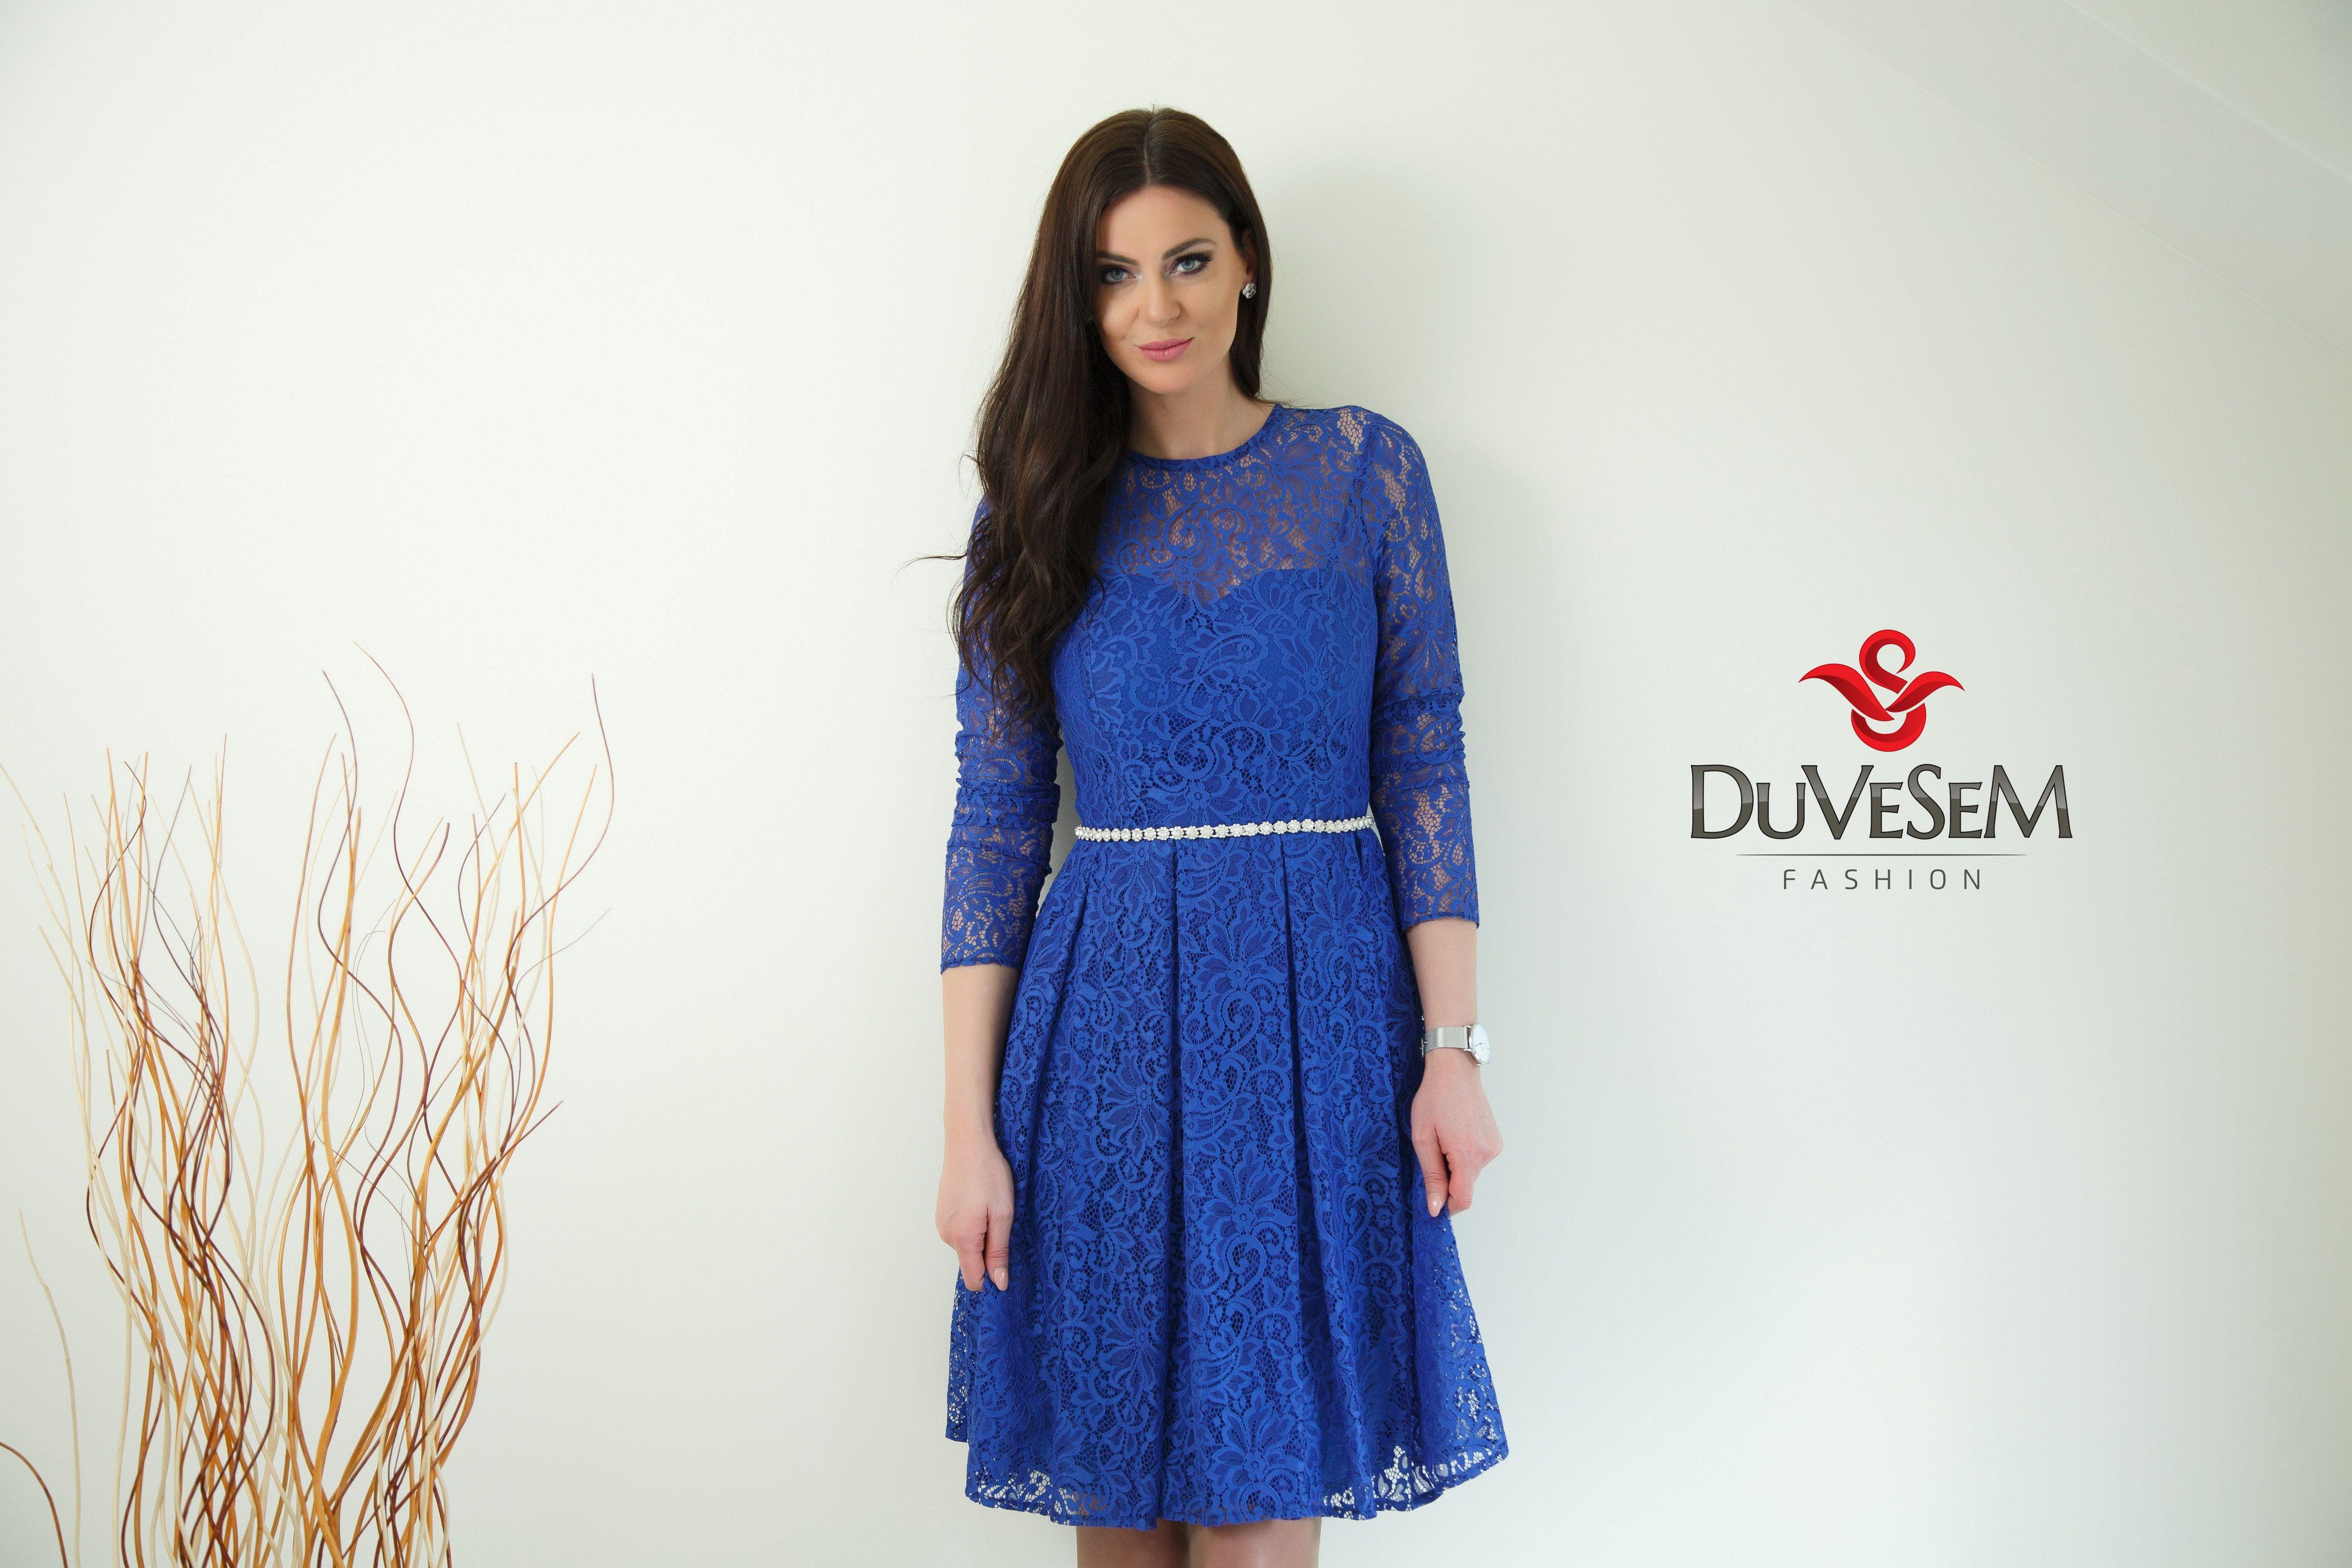 Pin by Duvesem Fashion on Kraljevsko plava haljina | Pinterest ...